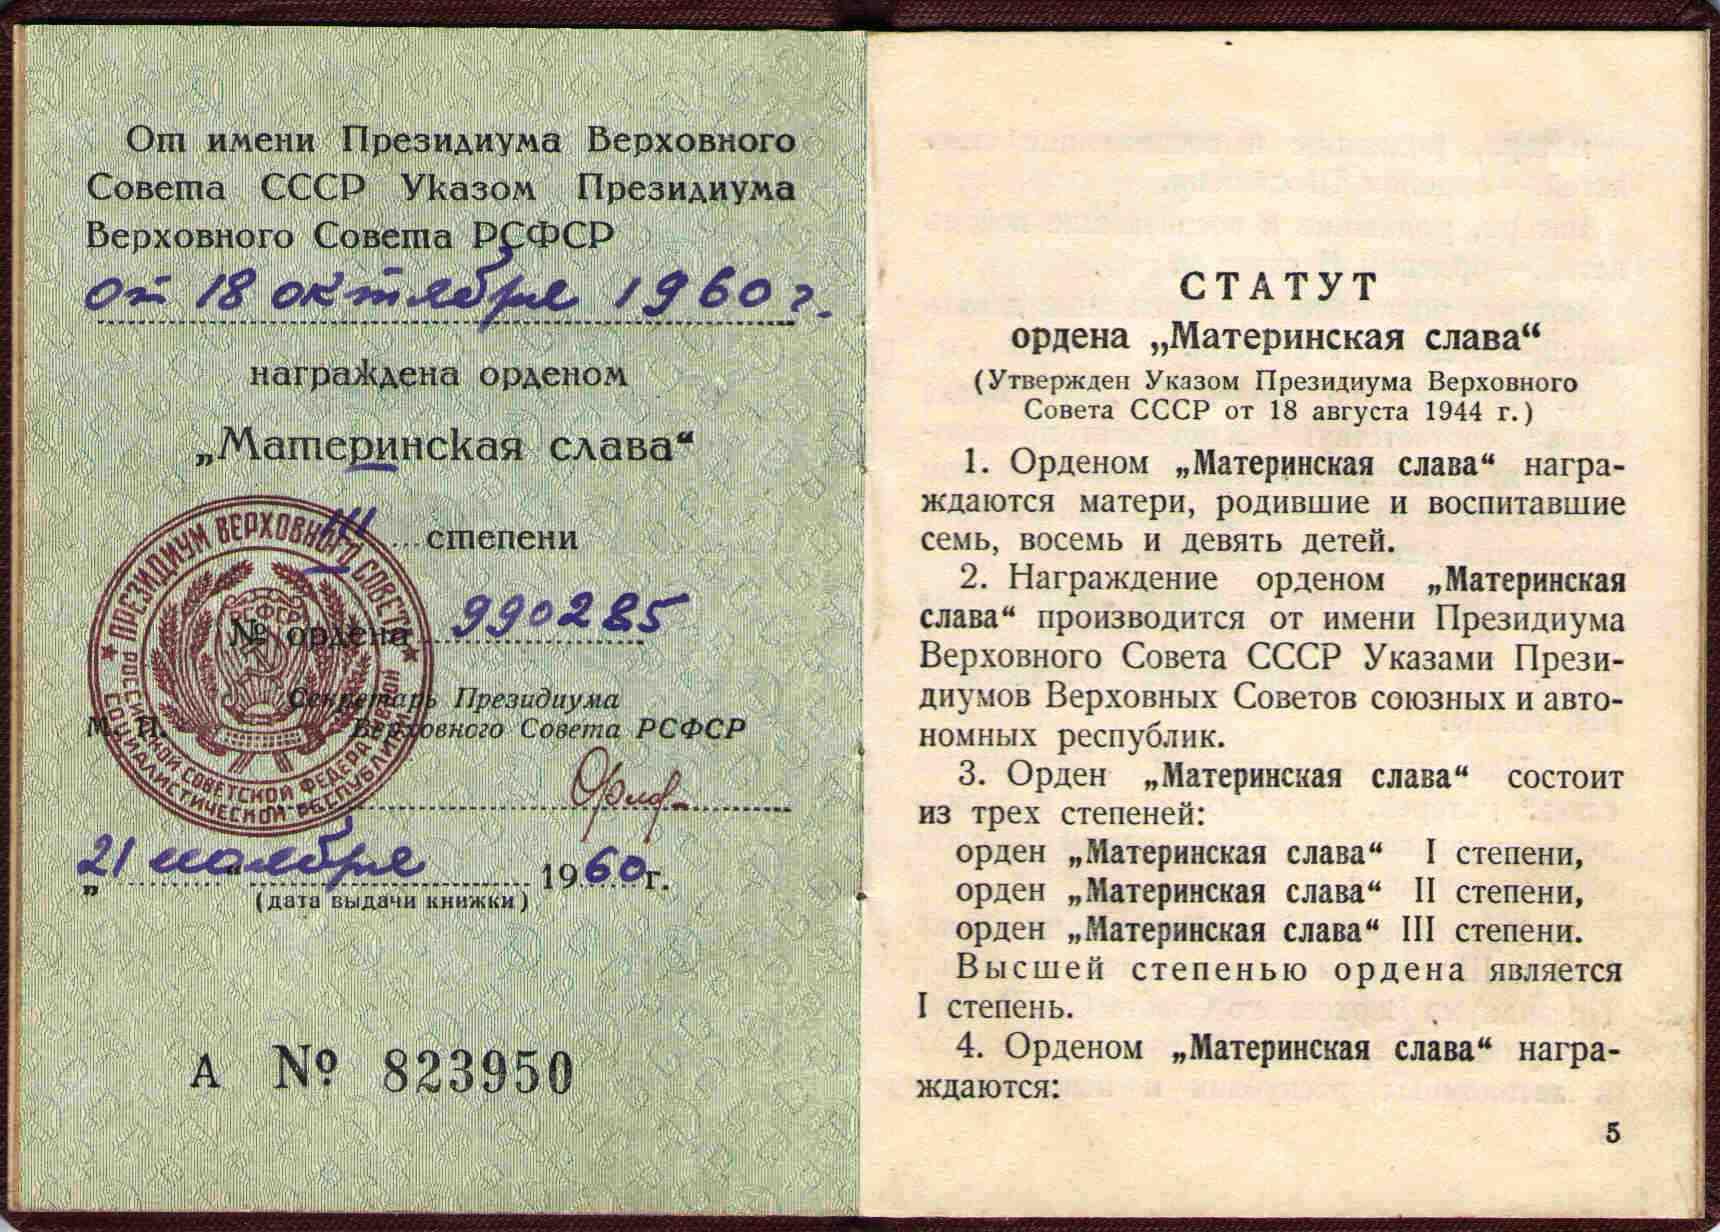 21. Орденская книжка 3 степени, 1960